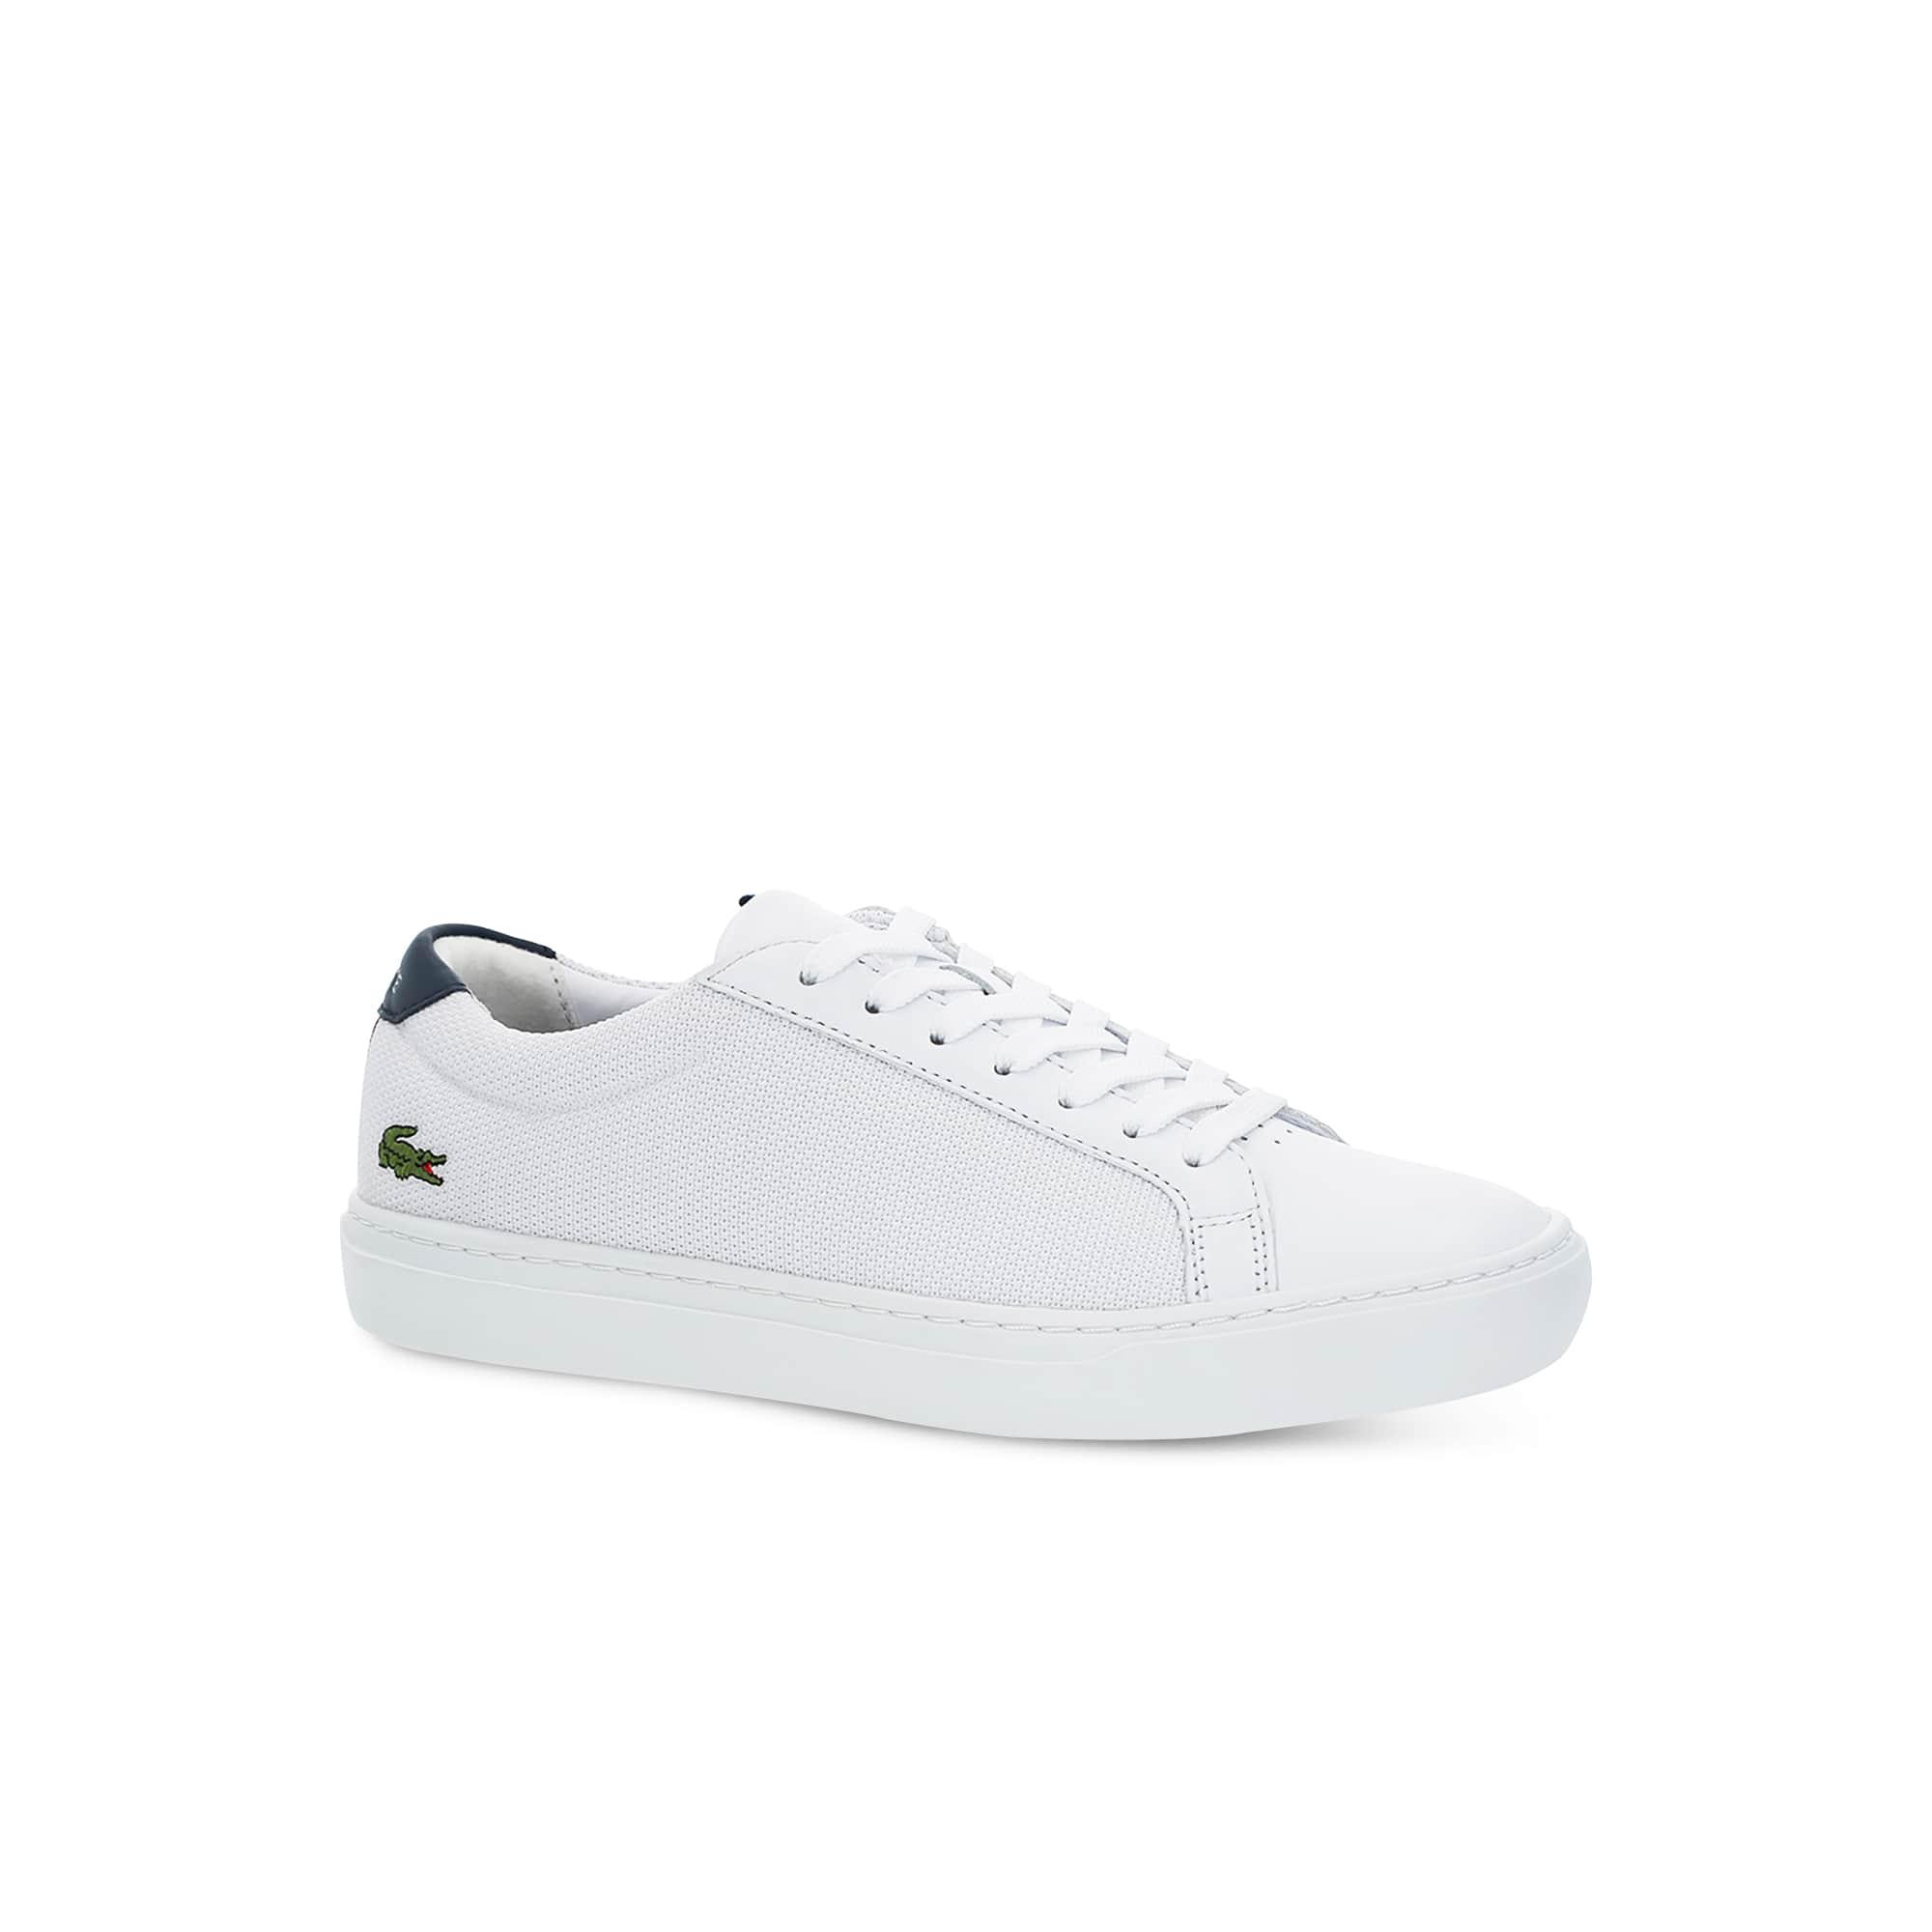 Coleção de calçado   Calçado para Homem   LACOSTE e0a3348ec4